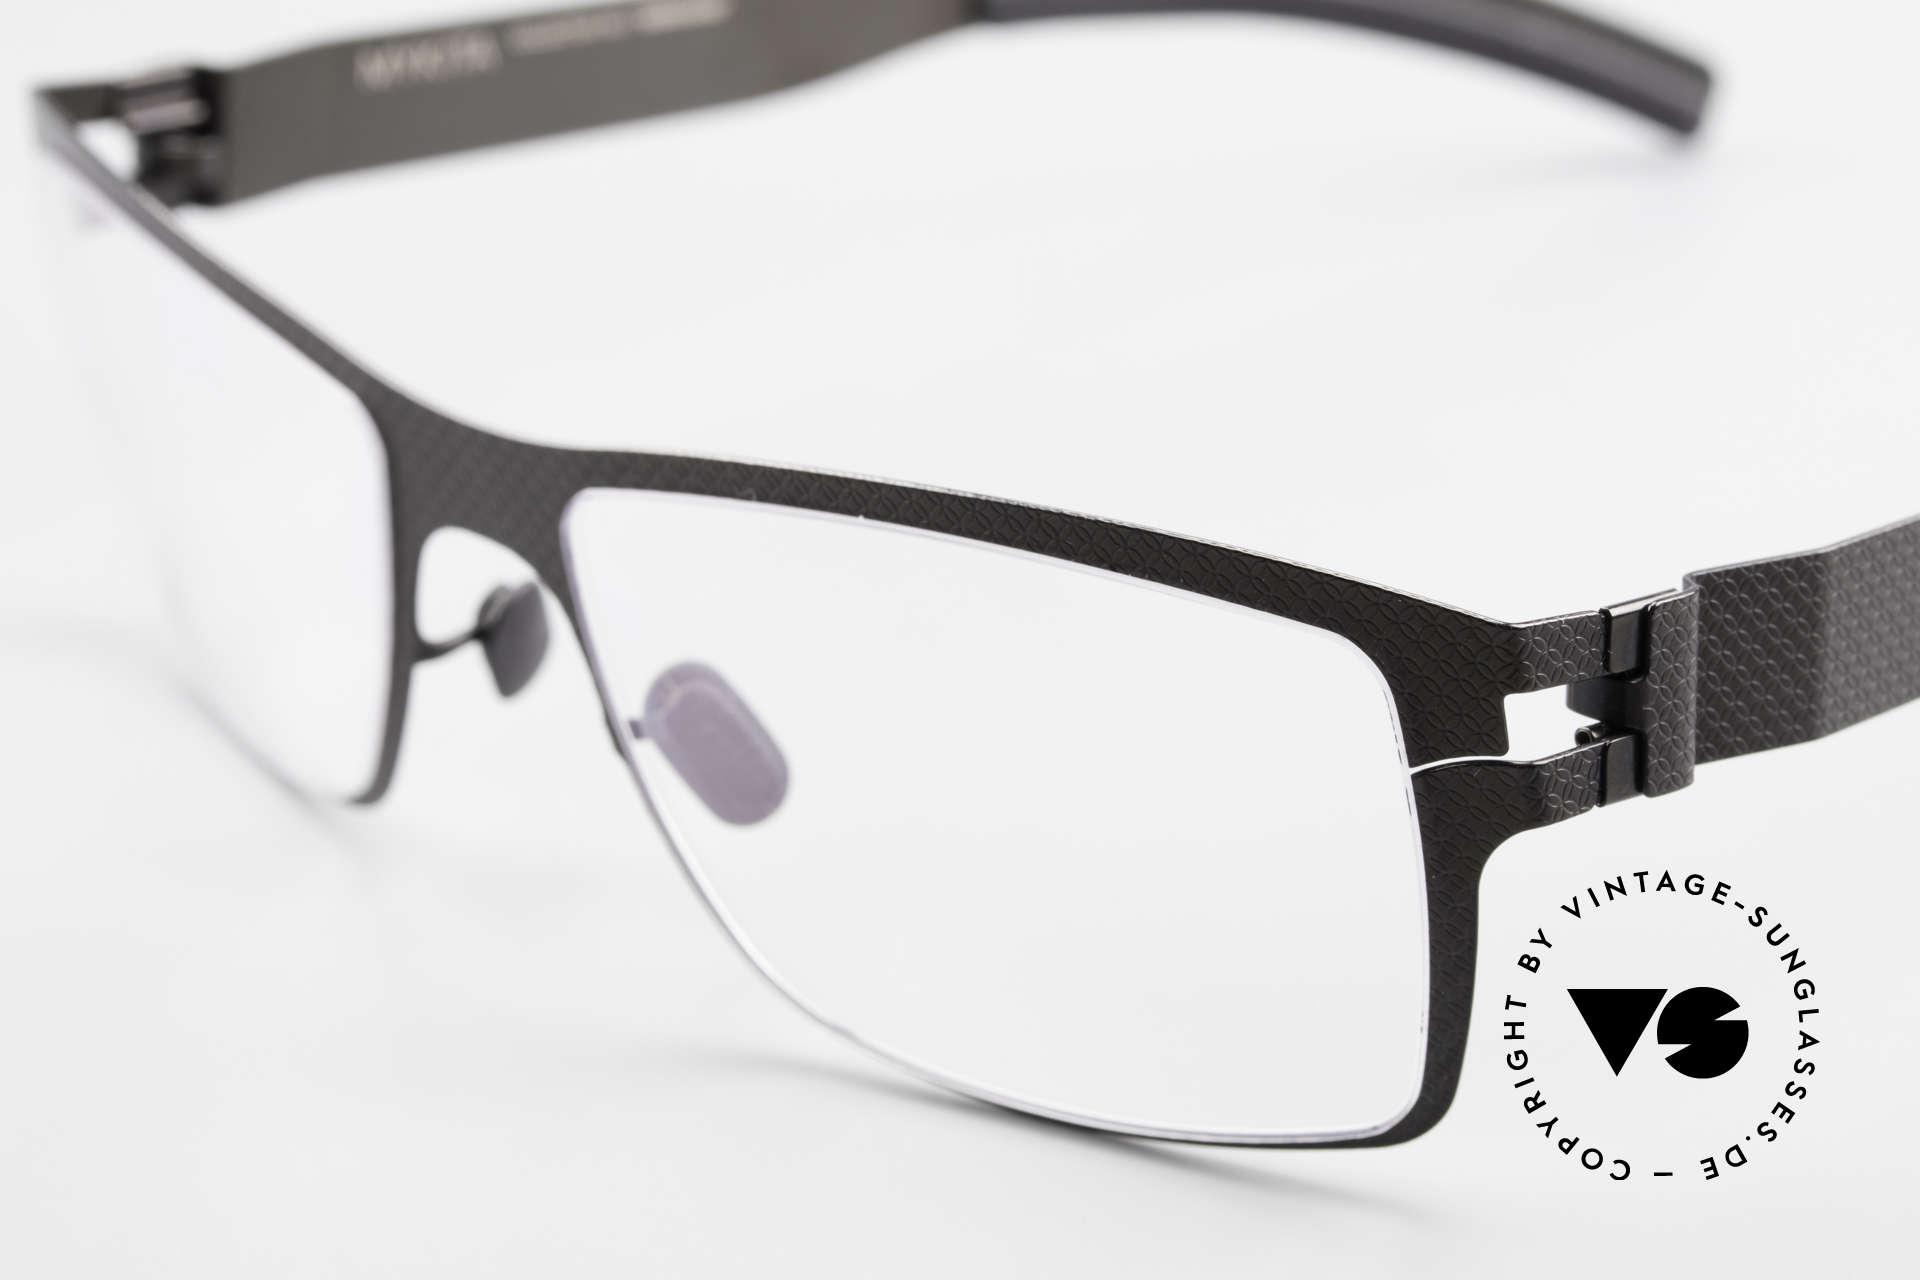 Mykita Bernhard Vintage Mykita Brille von 2009, innovativ flexible Metallfassung: eine Größe passt allen, Passend für Herren